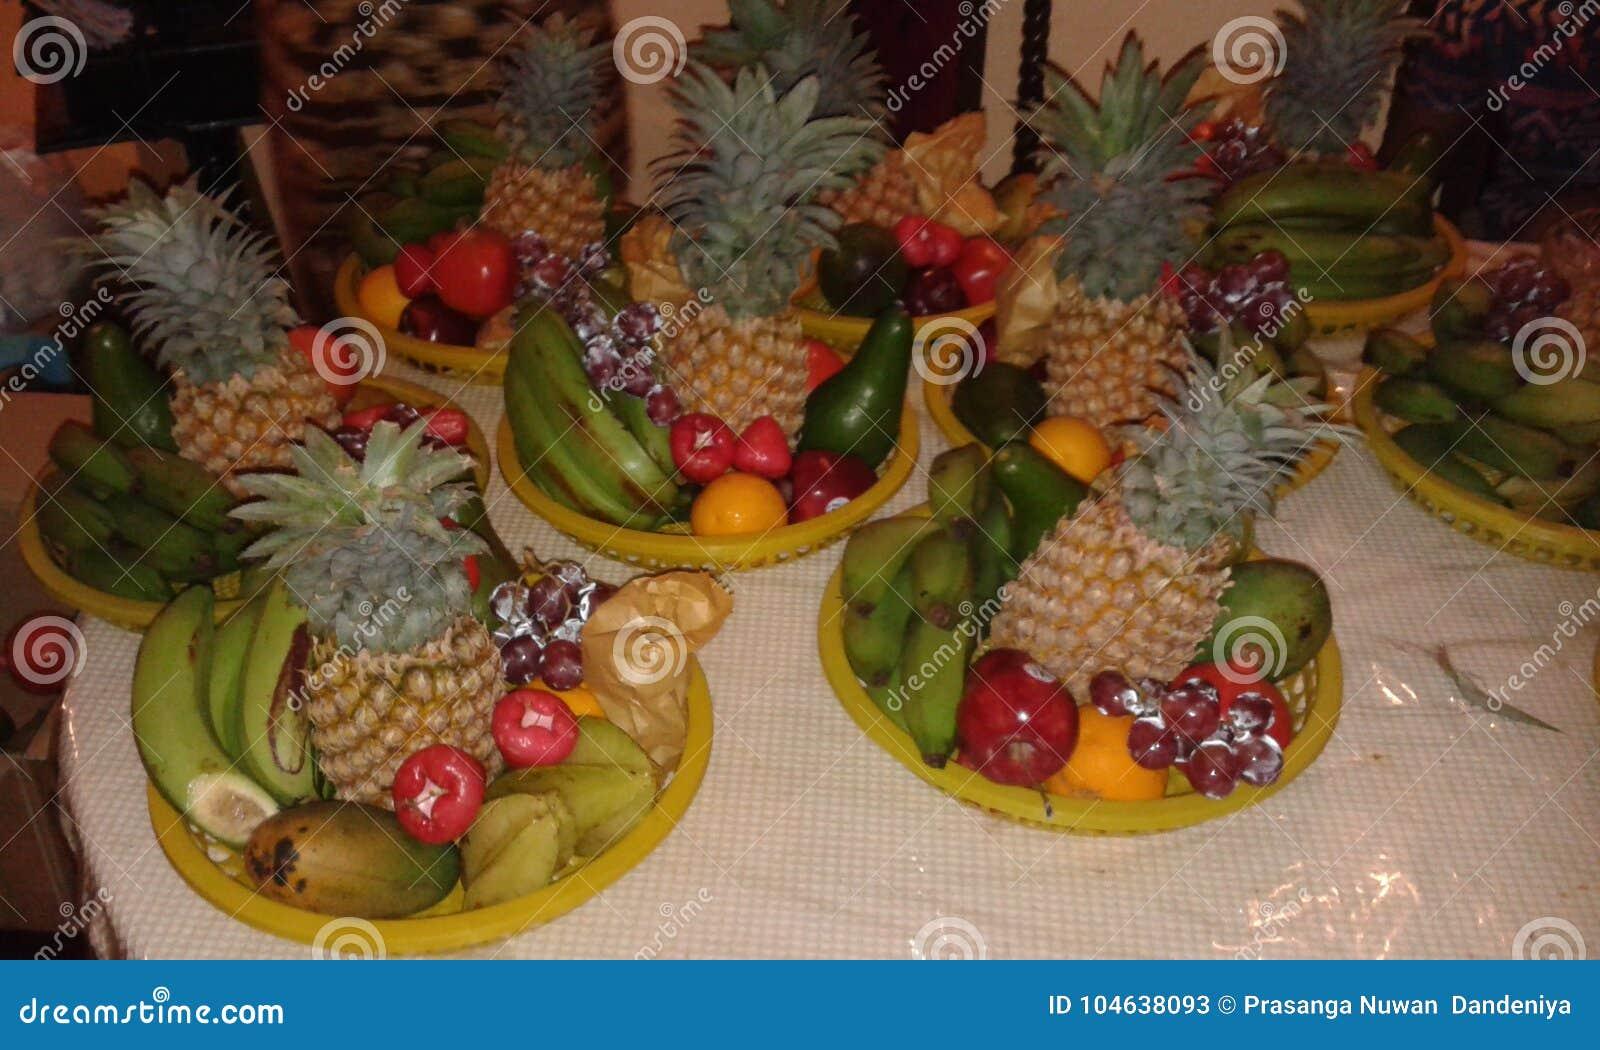 Download Geïsoleerd Op Witte Achtergrond Stock Afbeelding - Afbeelding bestaande uit tropisch, voedsel: 104638093